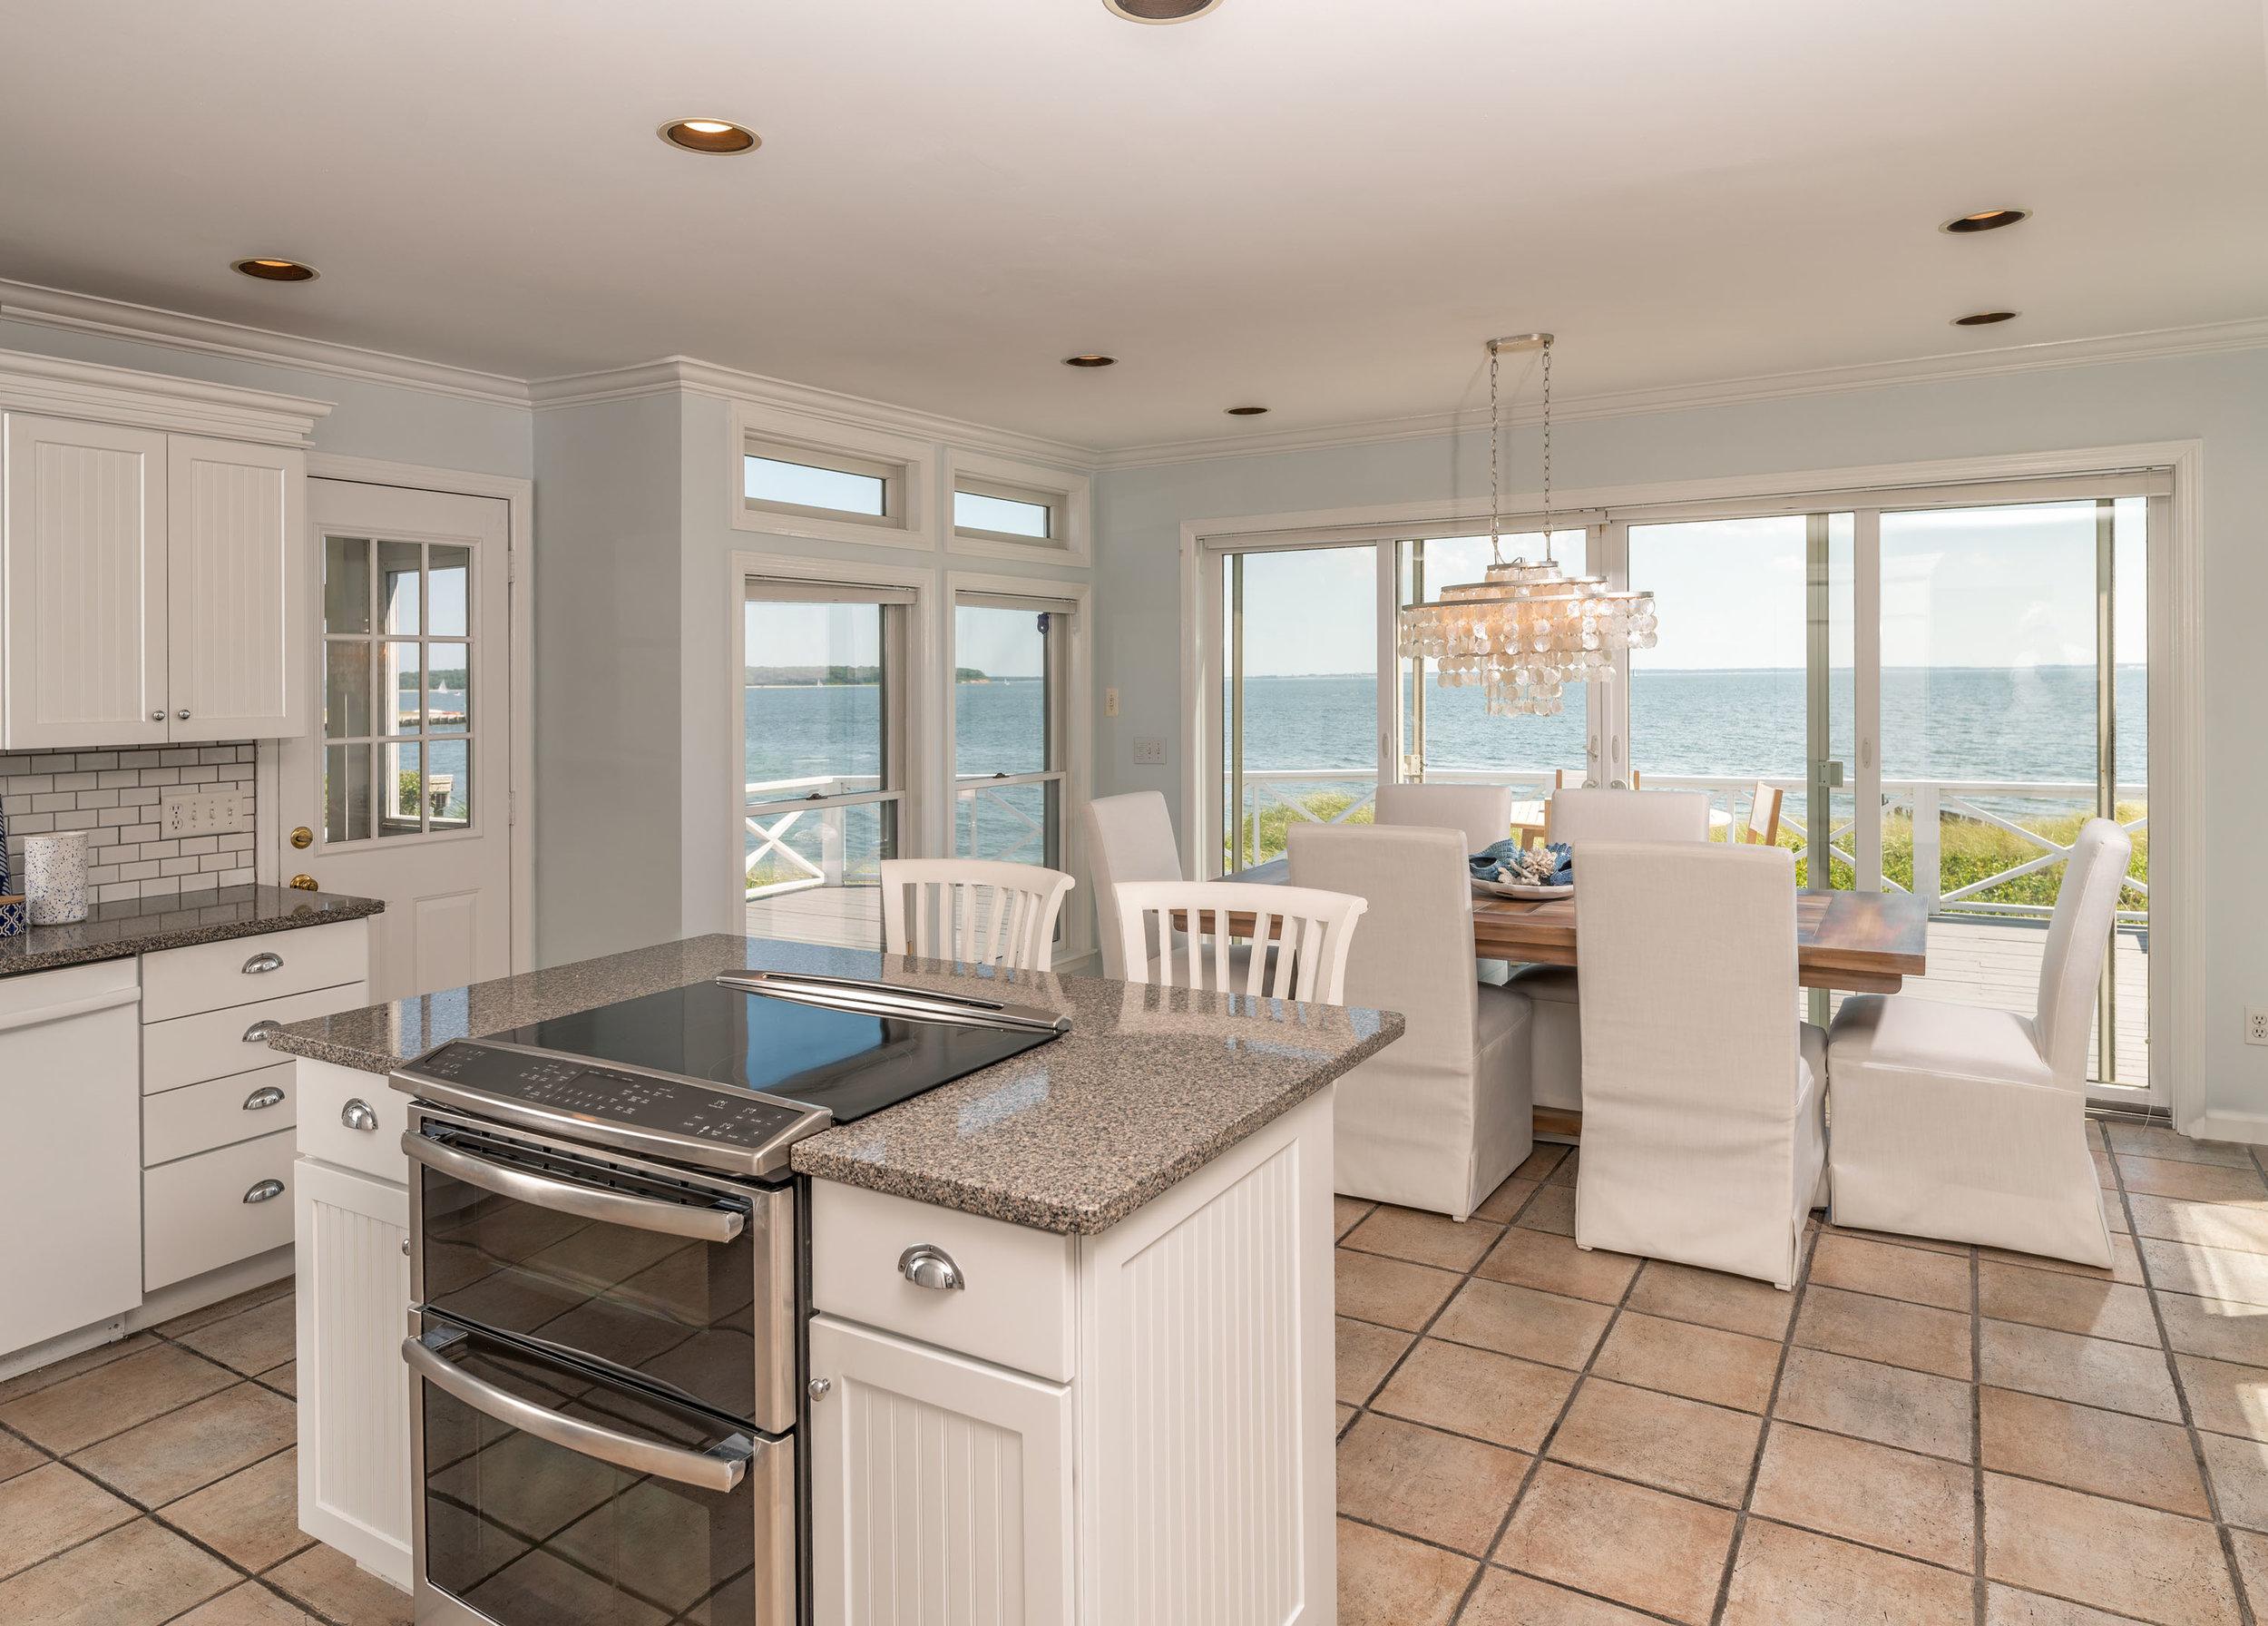 New Suffolk Kitchen Web.jpg